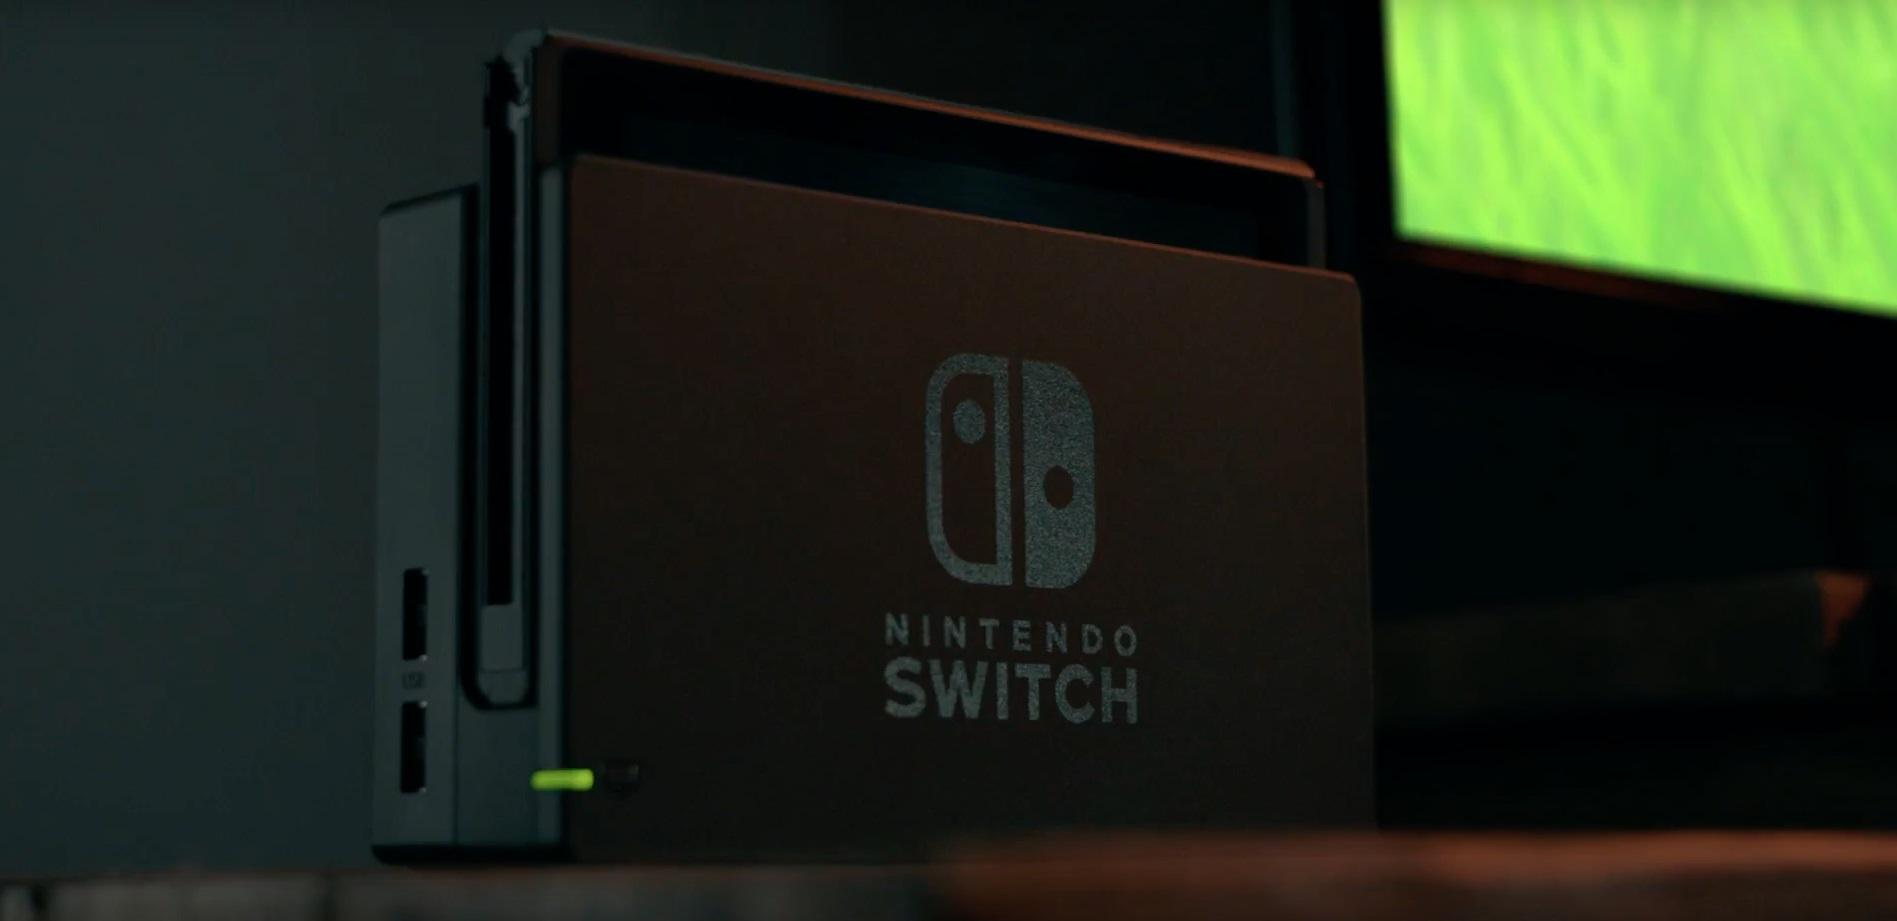 nintendo-switch-base-unit